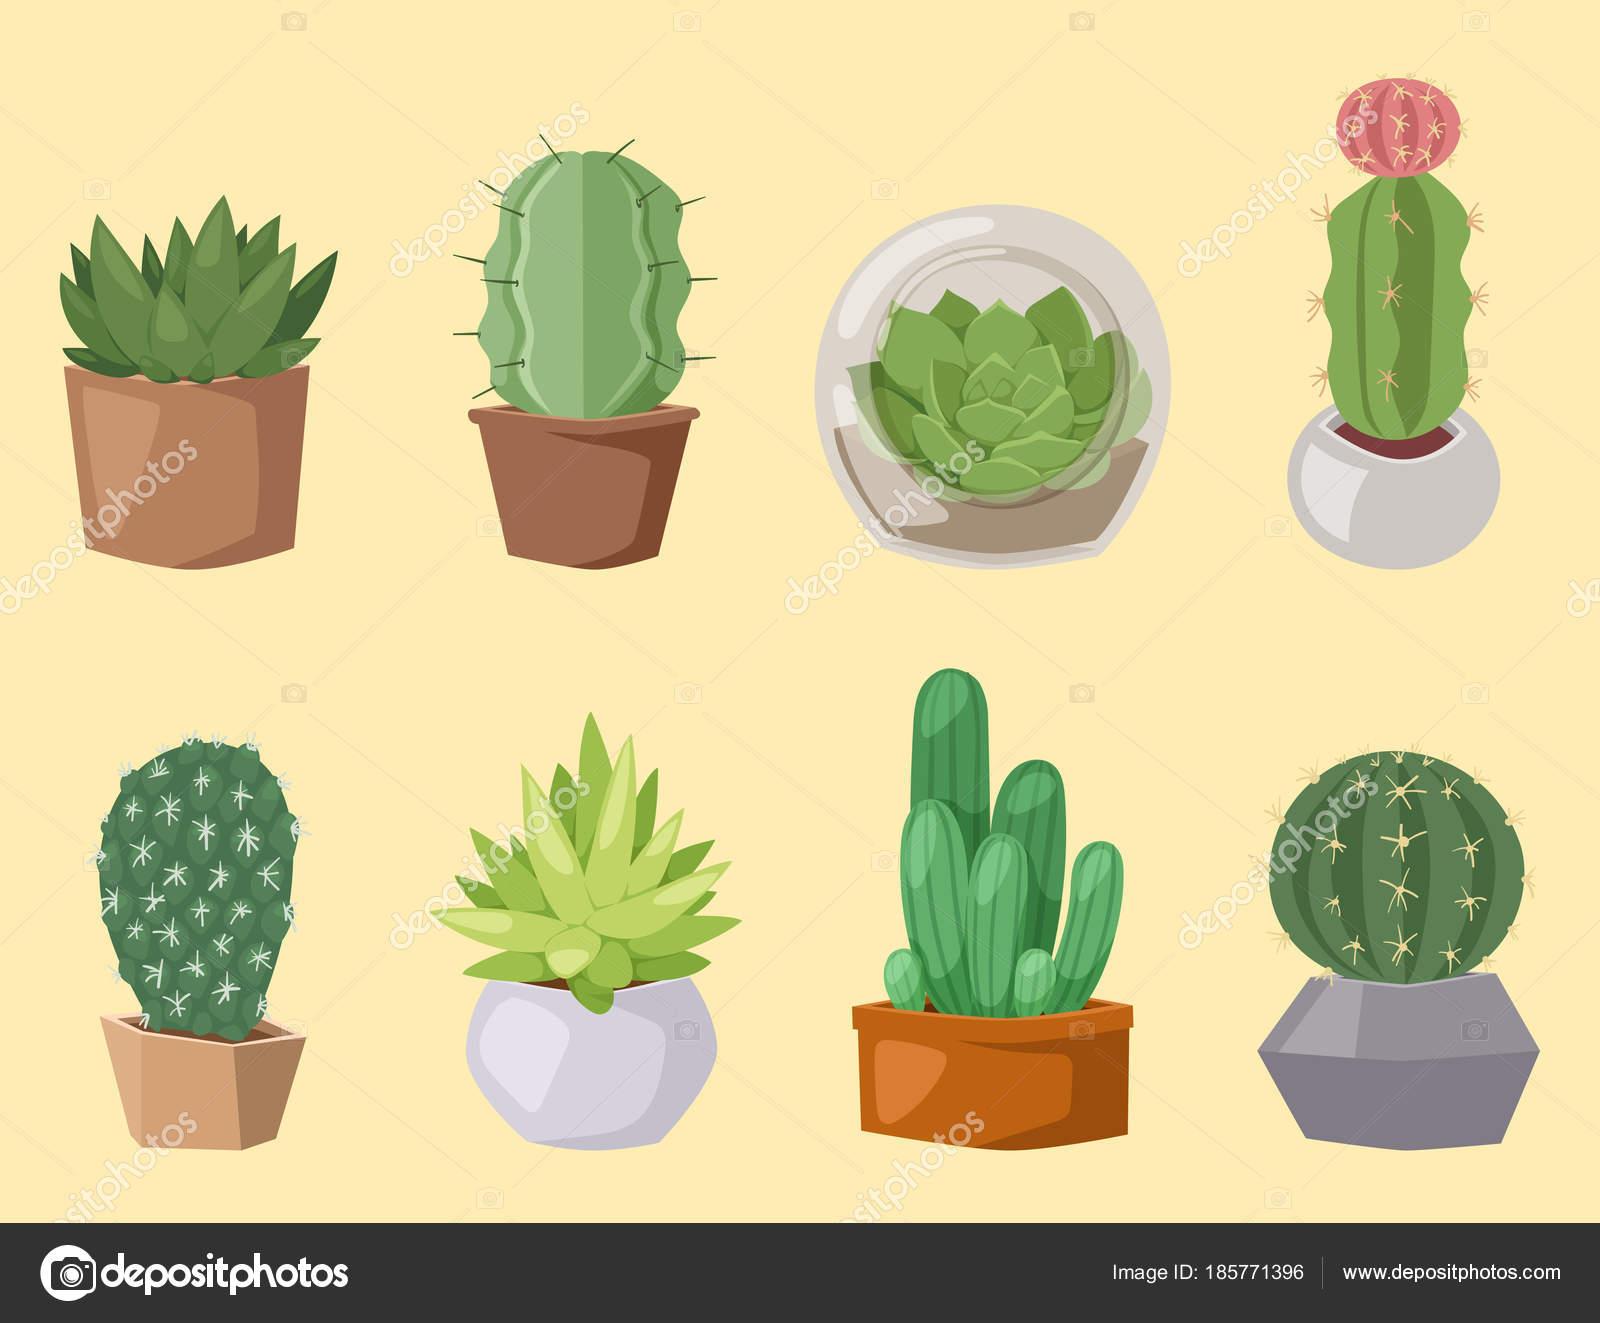 サボテン自然砂漠の花緑メキシコ ジューシーな熱帯植物のサボテンの花の